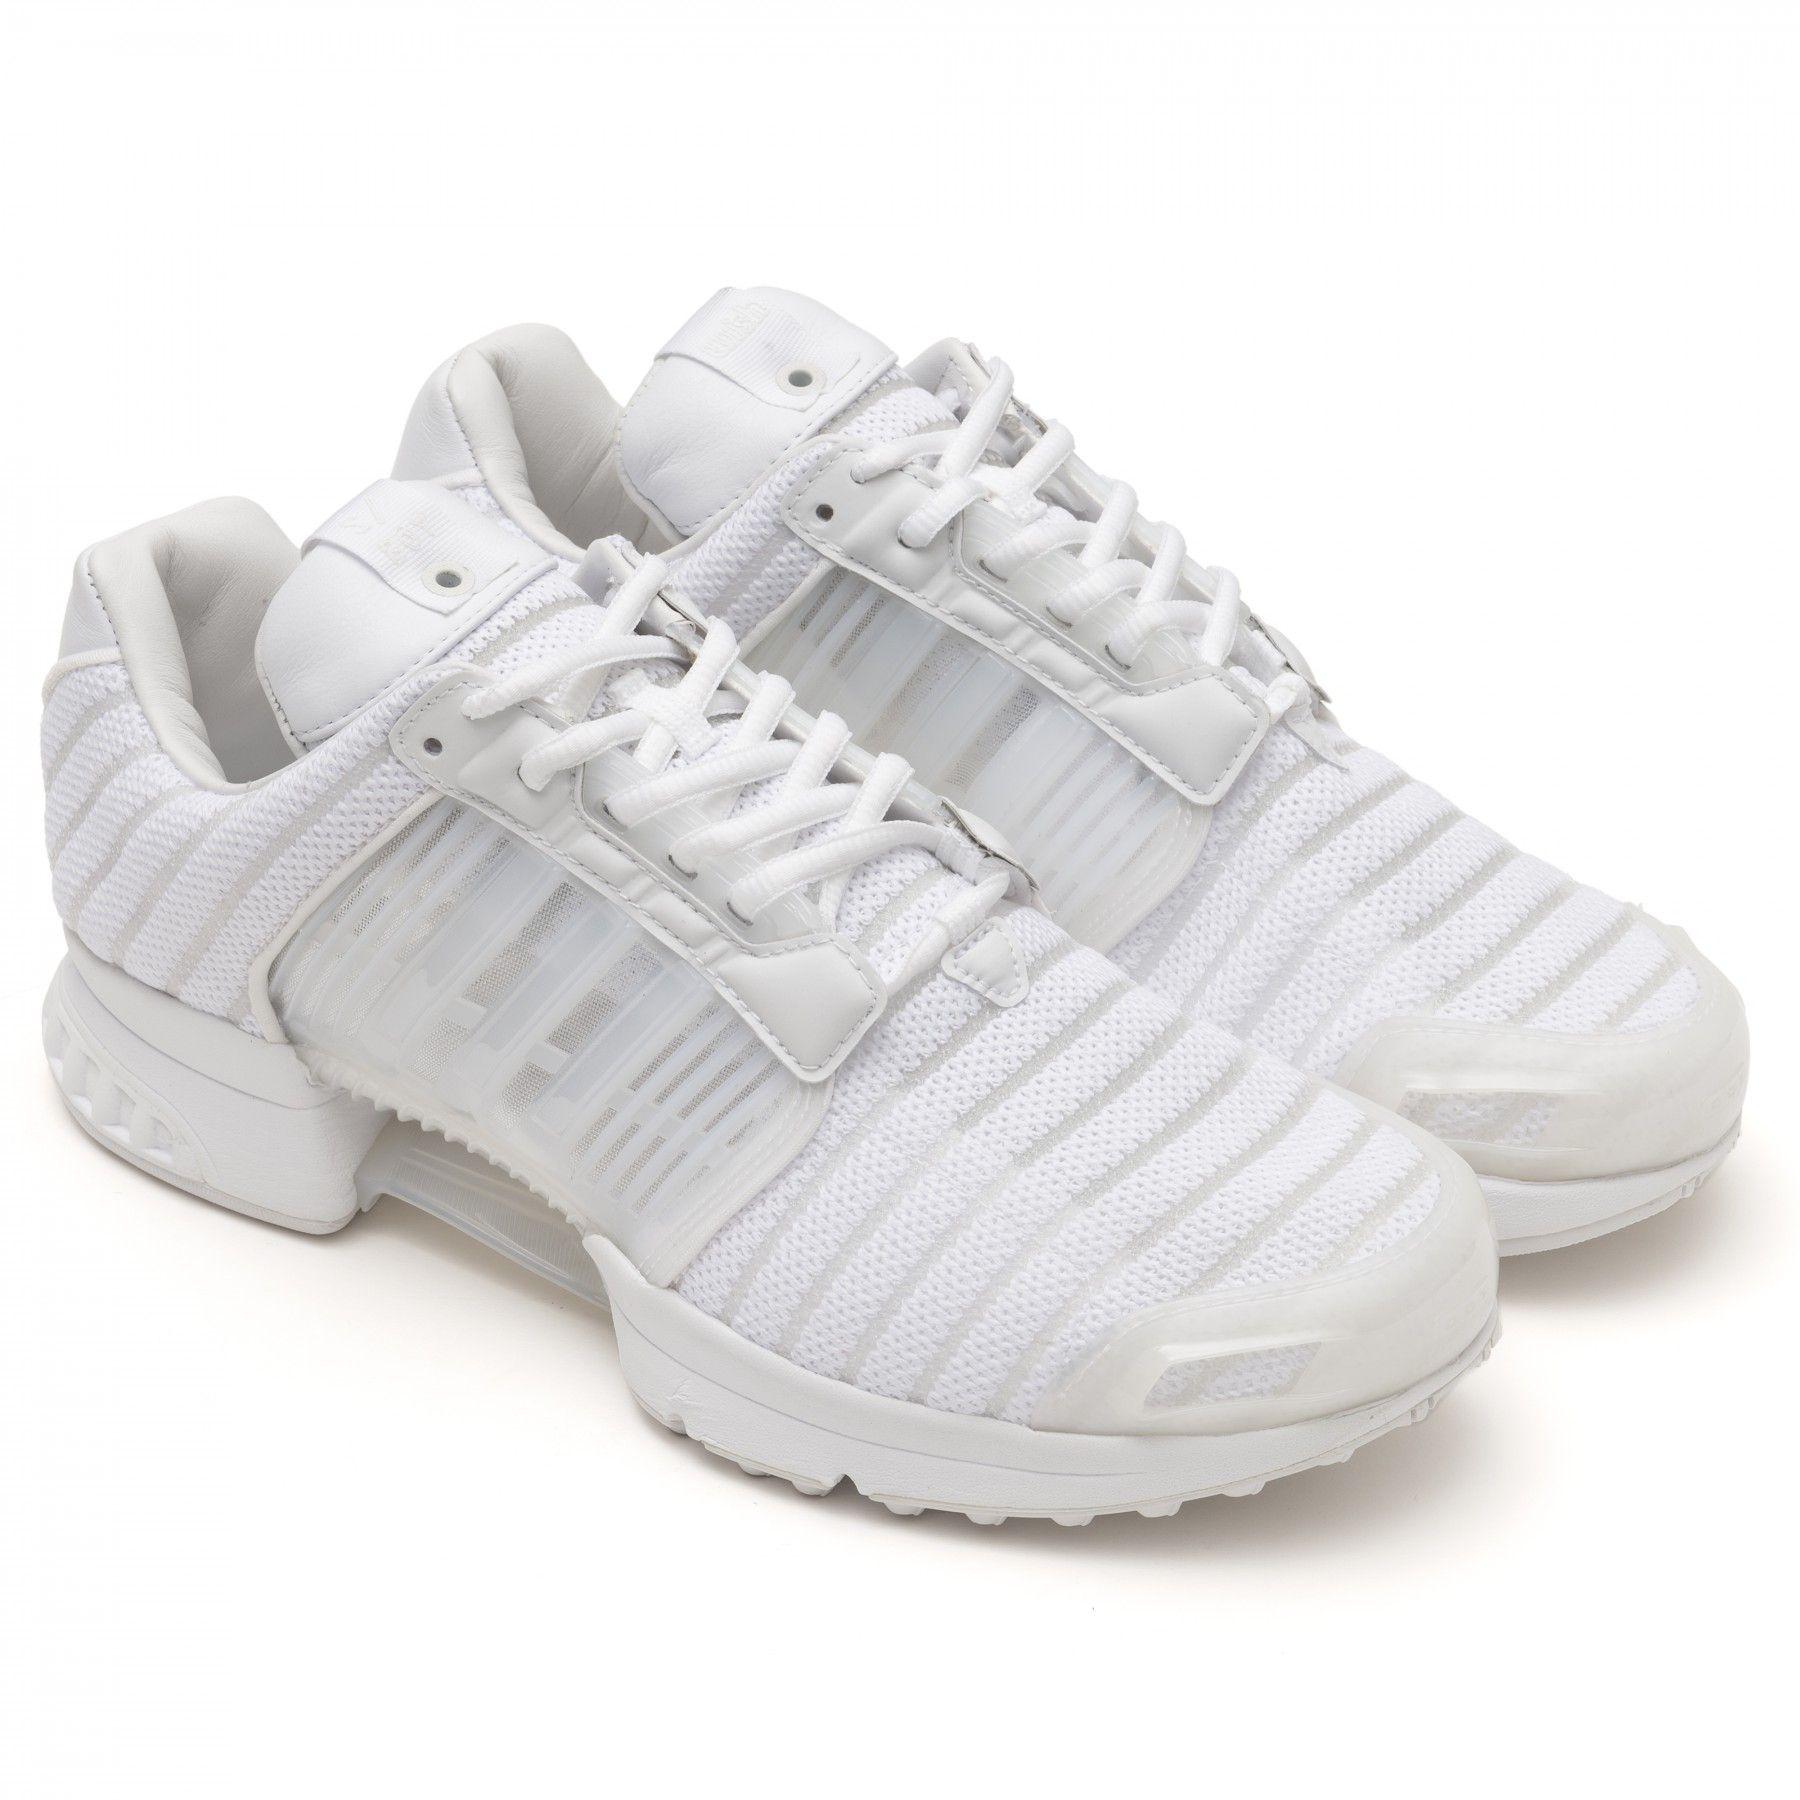 online retailer df33f 505e4 Adidas Consortium Sneaker Exchange ? Sneakerboy X Wish ...